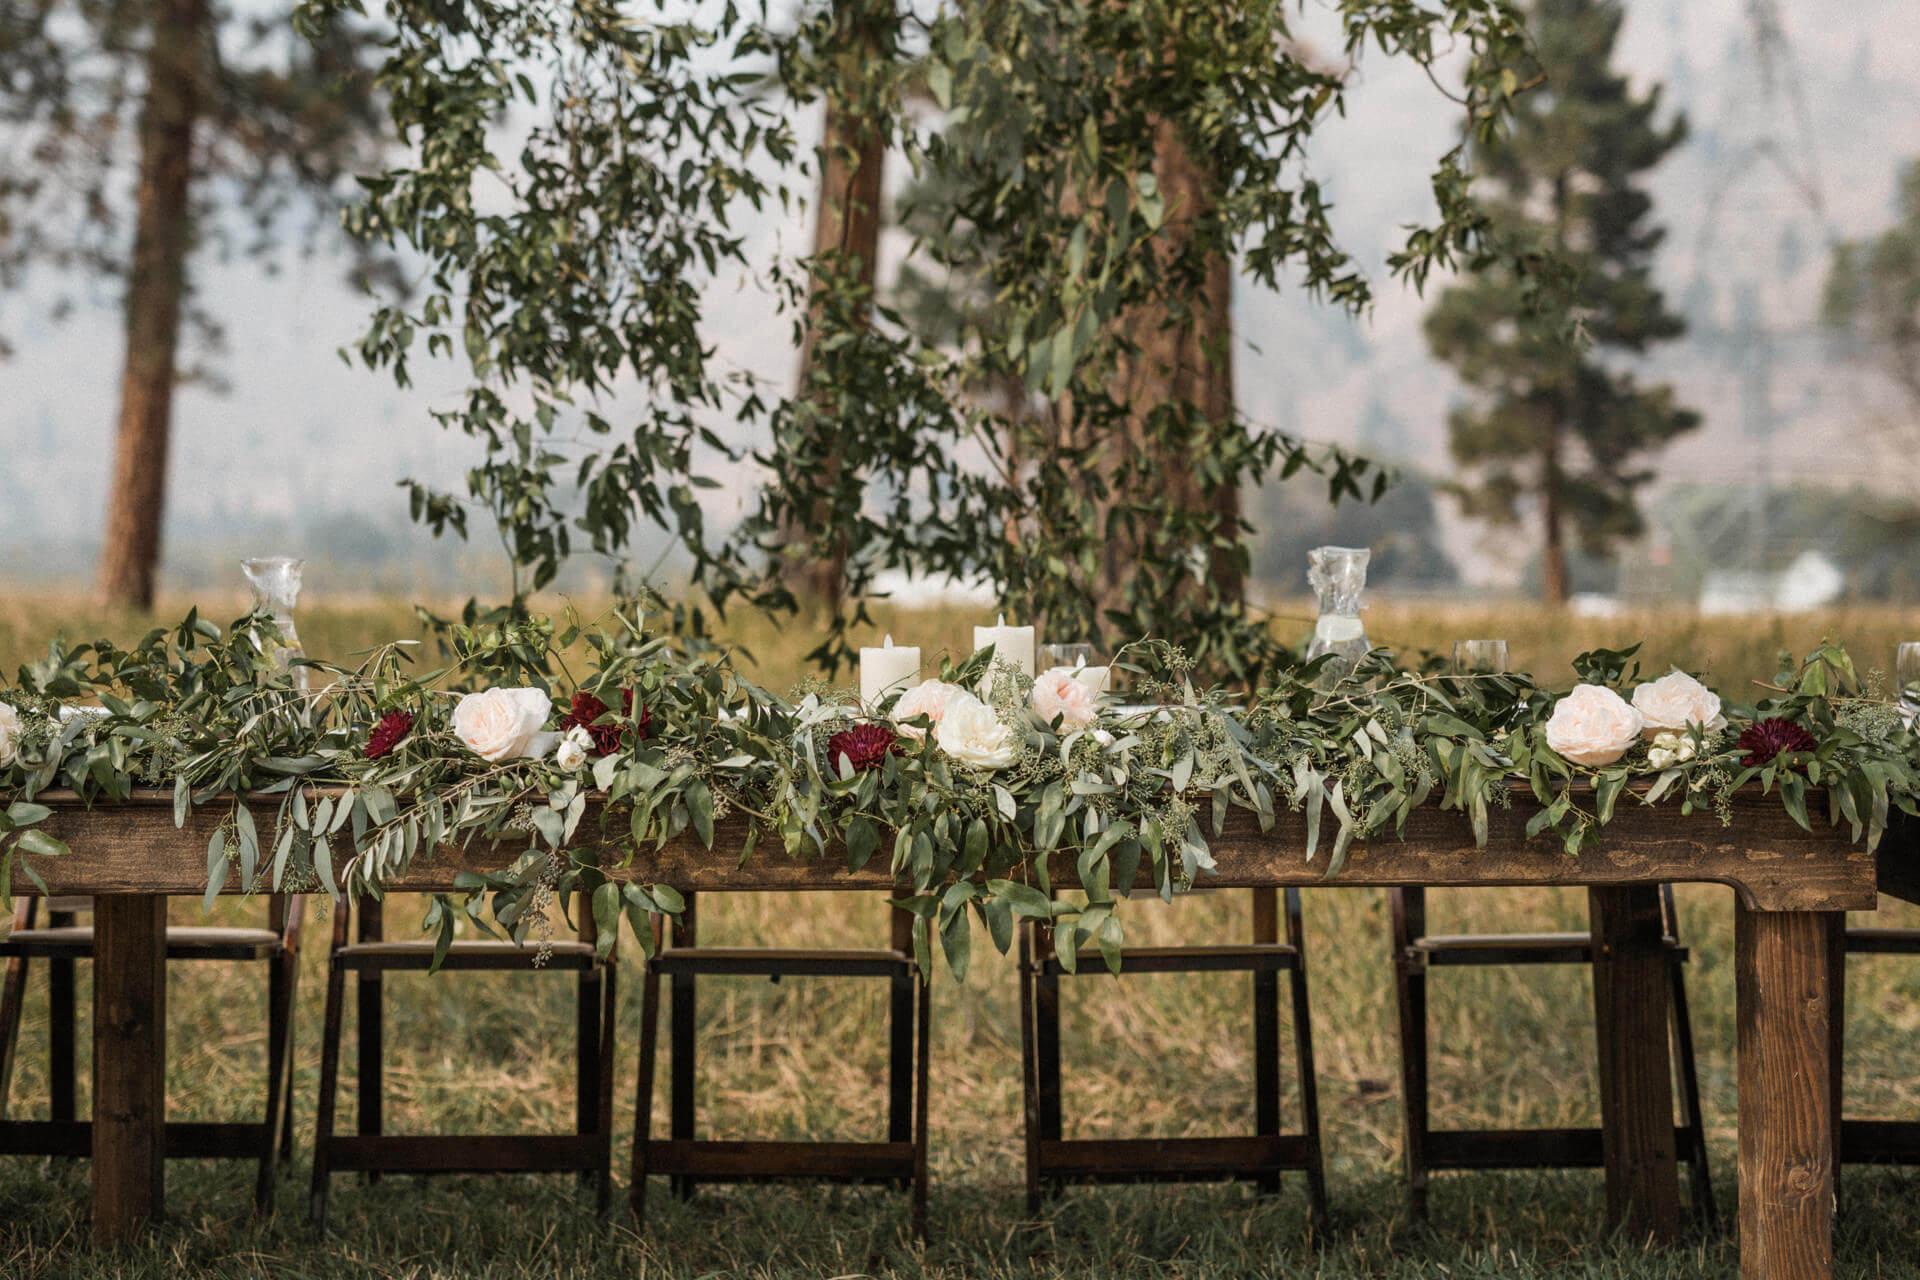 Des Moines Destination Wedding Photographers | Cluney Photography